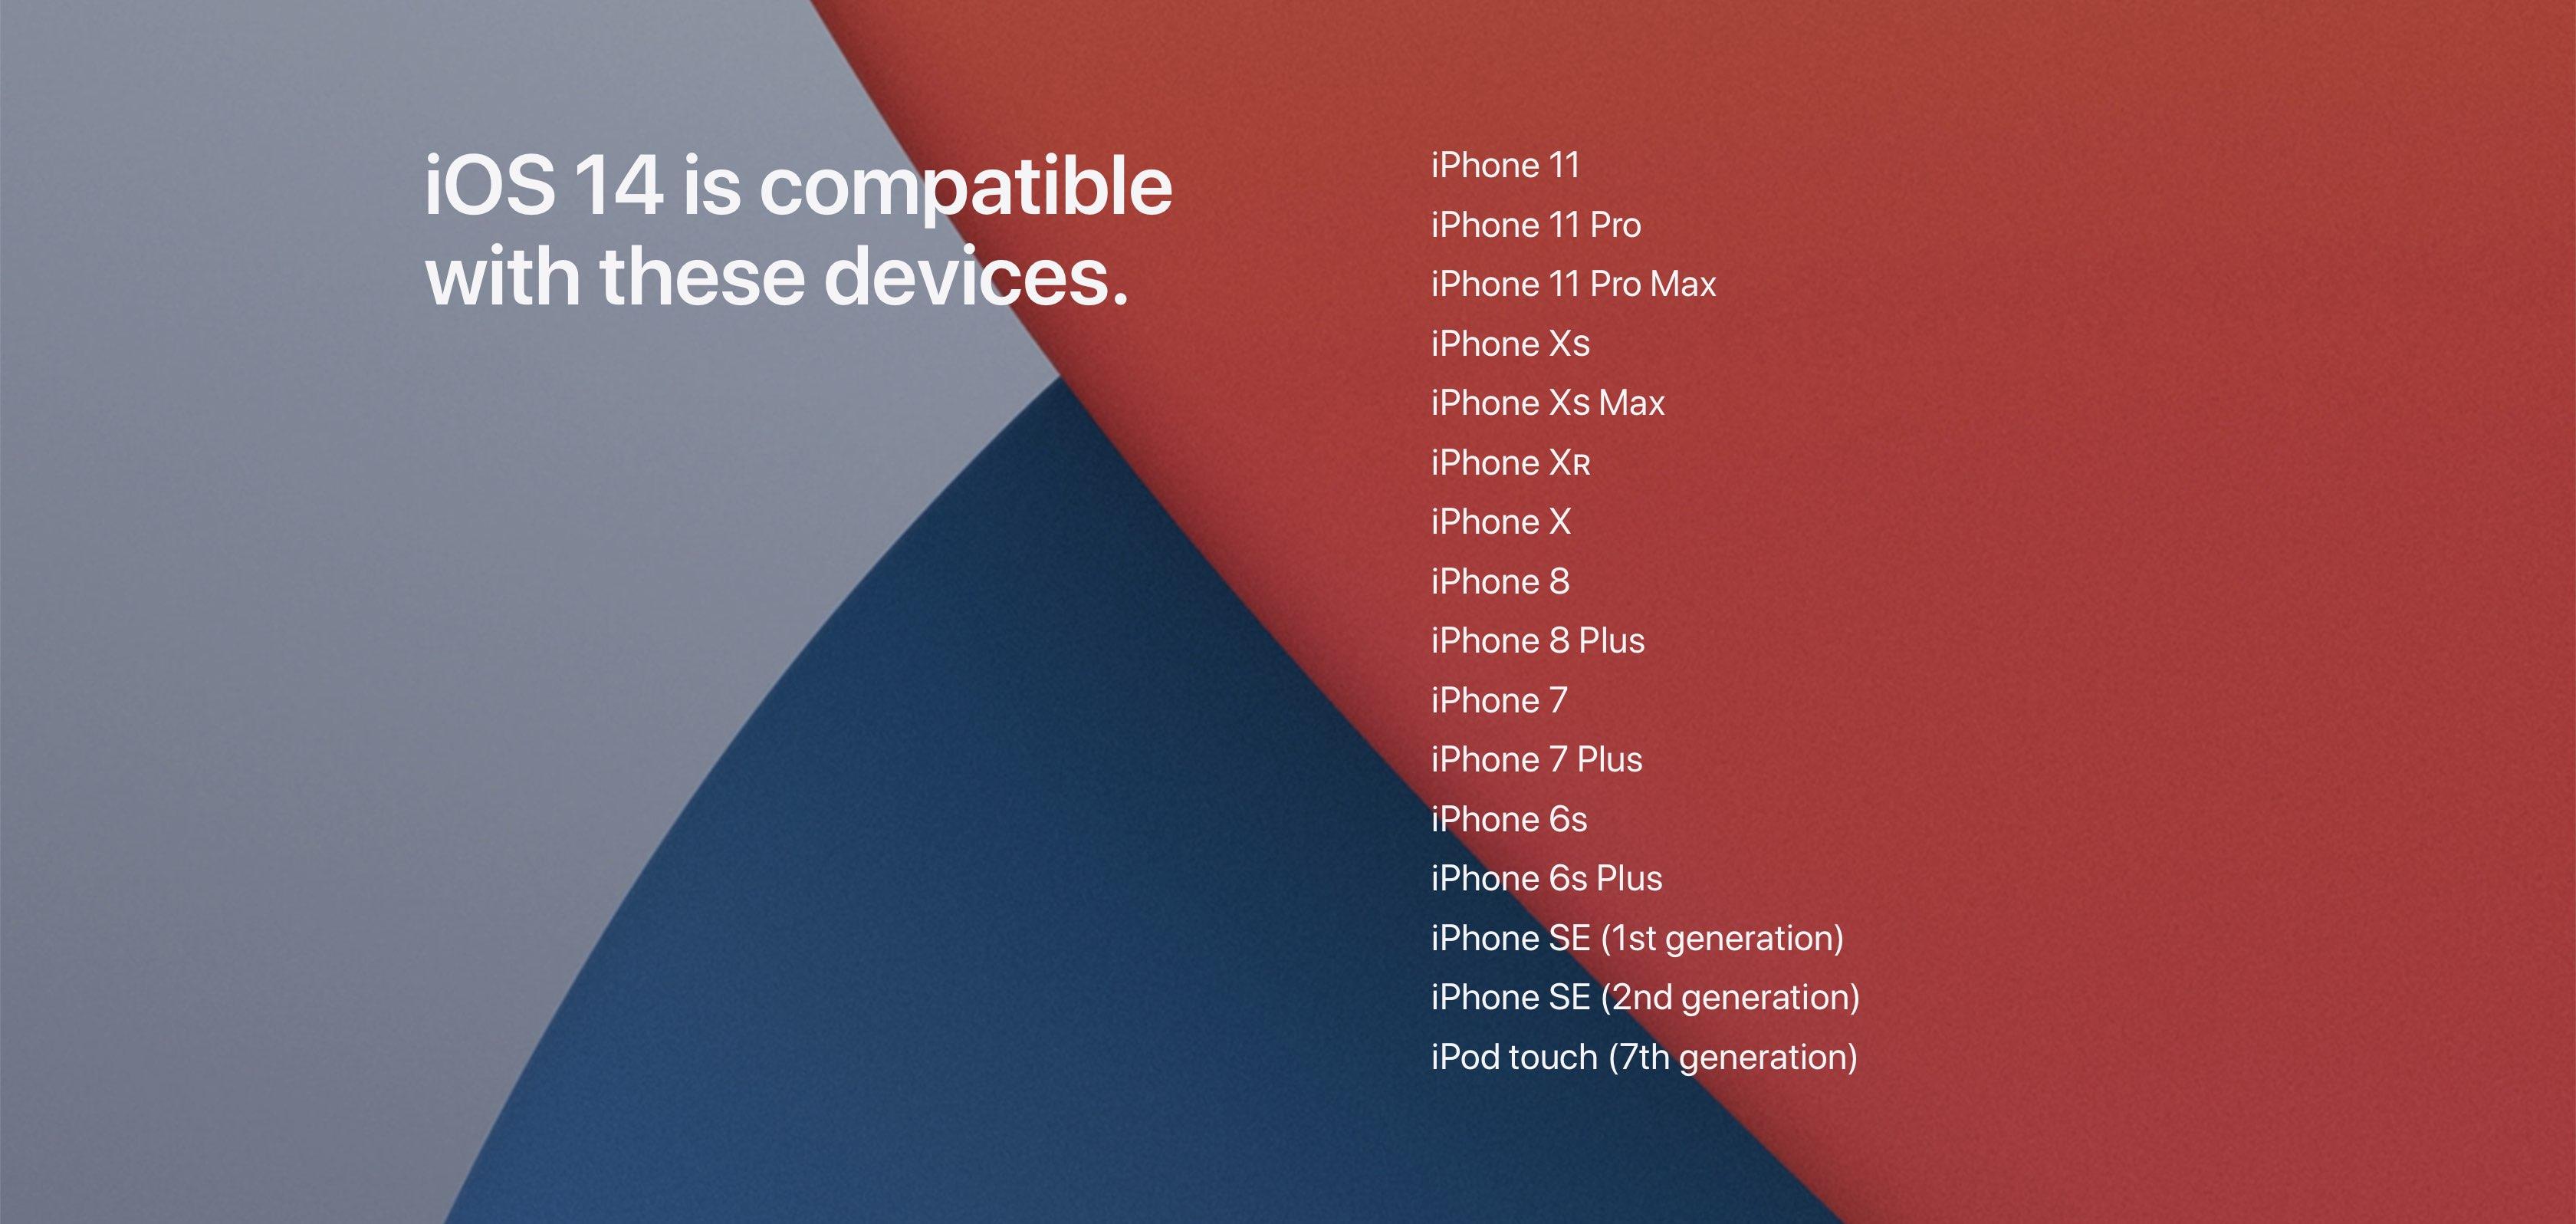 IOS 14 Compatability